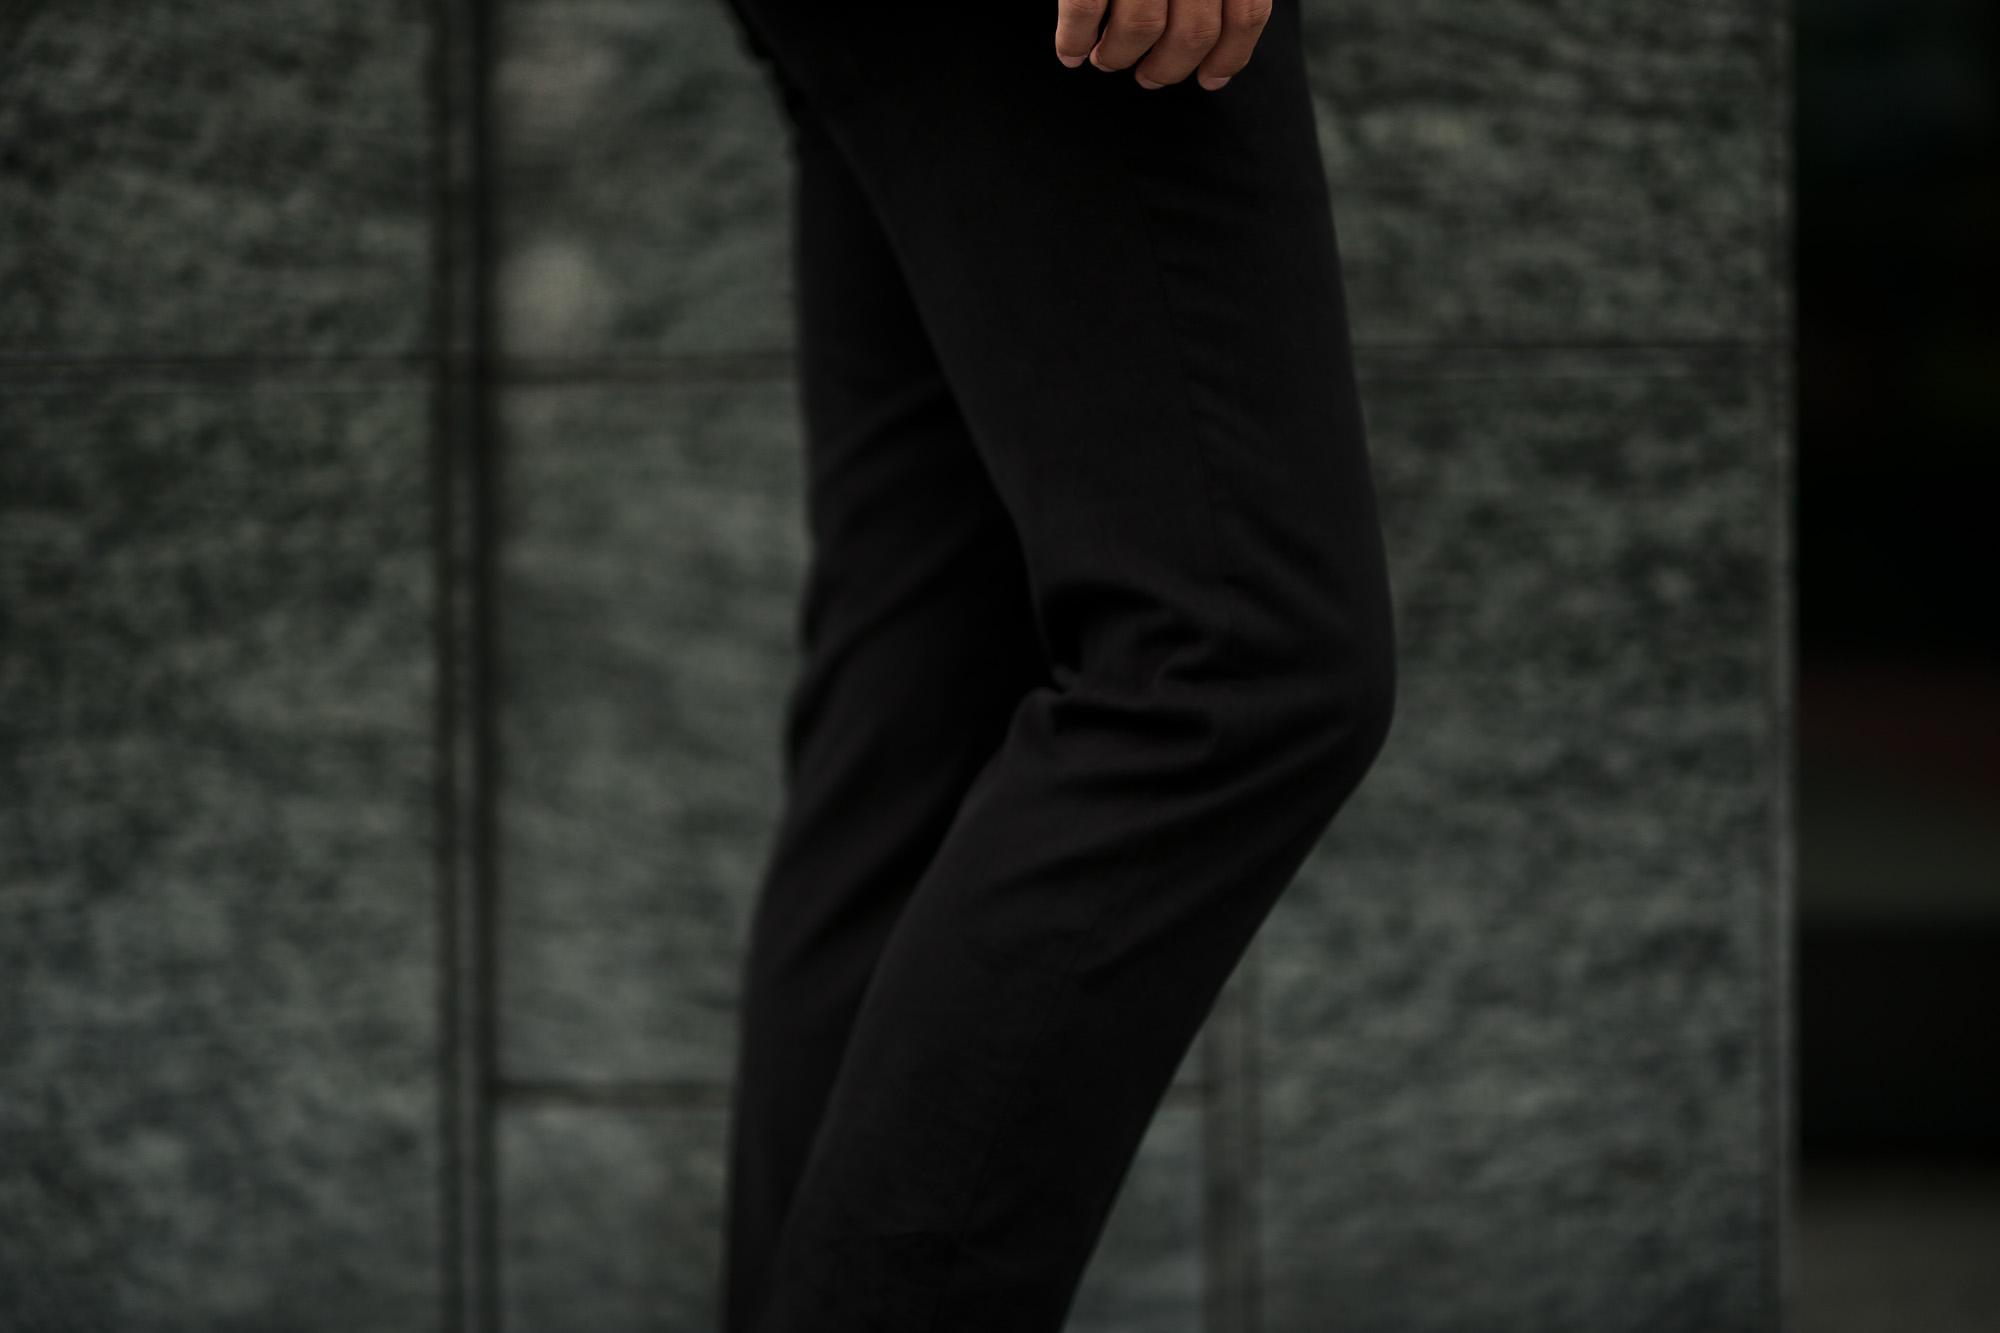 Cuervo (クエルボ) Sartoria Collection (サルトリア コレクション) Rooster (ルースター) STRETCH COTTON ストレッチコットン スーツ BLACK (ブラック) MADE IN JAPAN (日本製) 2019 秋冬新作 【ご予約受付中】alto e diritto アルトエデリット